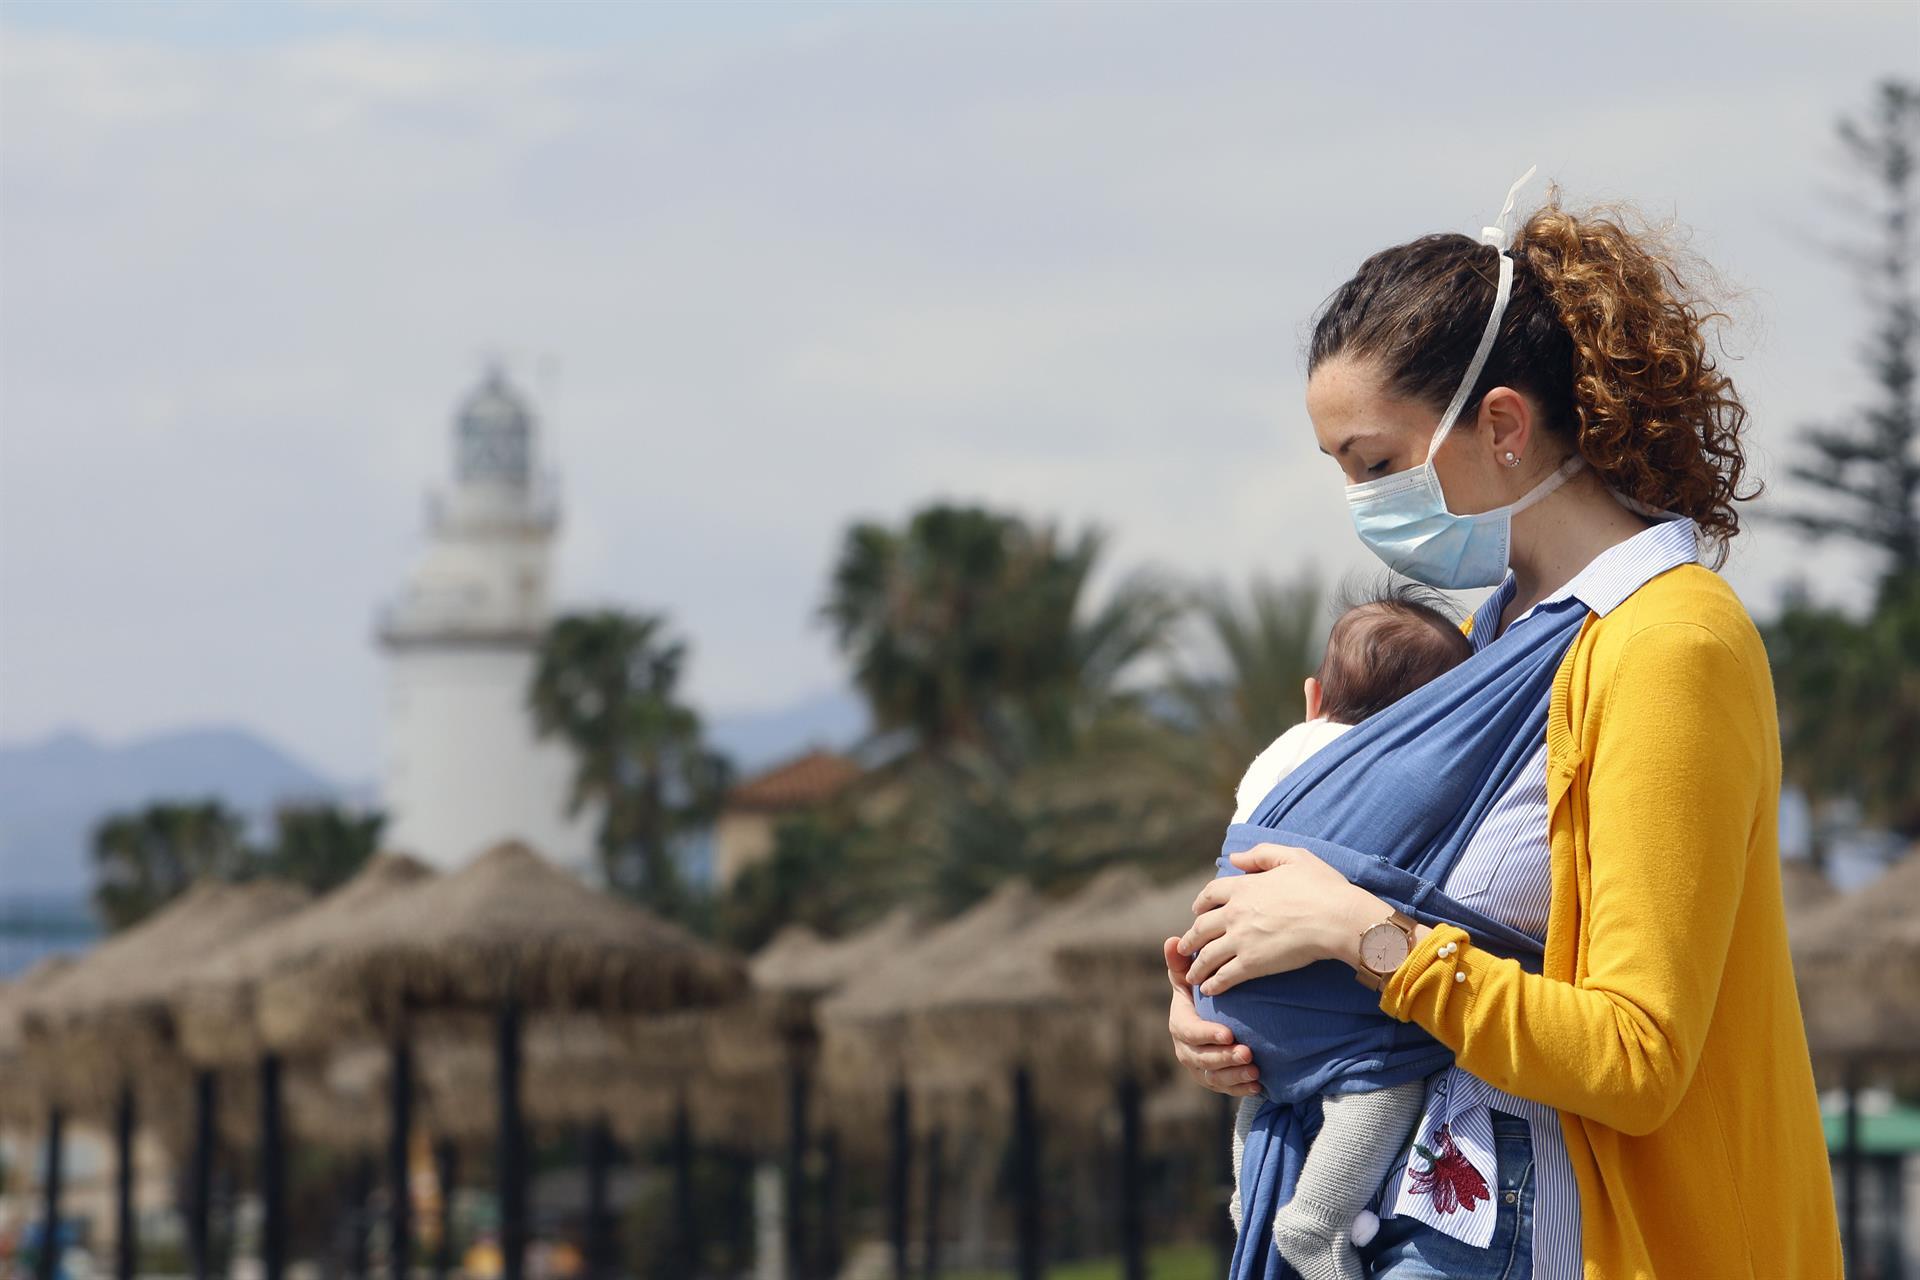 El Parlamento aprueba una iniciativa para reconocer el papel de la mujer durante la pandemia